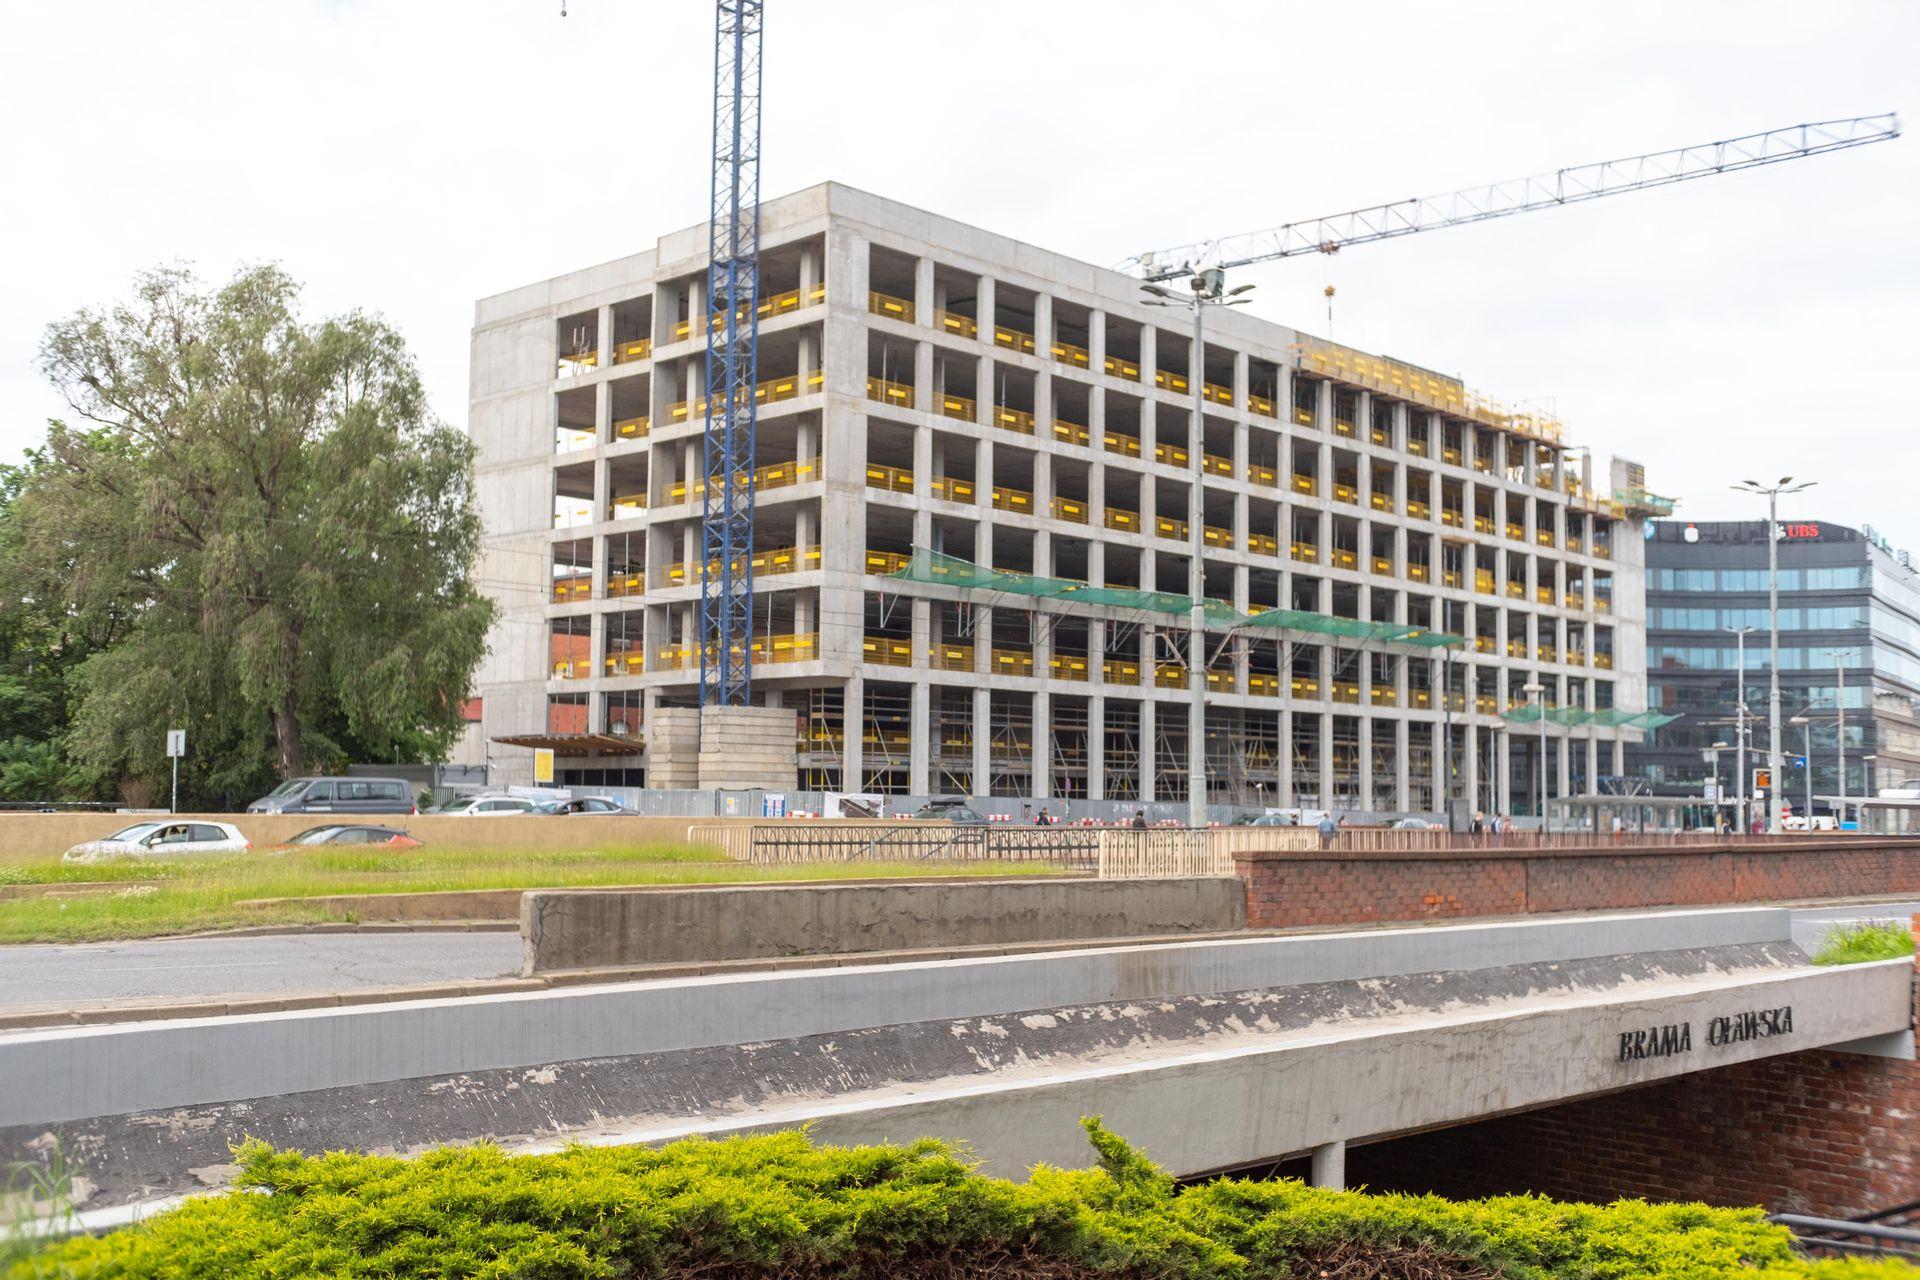 W centrum Wrocławia trwa budowa biurowca Brama Oławska [FILM + ZDJĘCIA + WIZUALIZACJE]